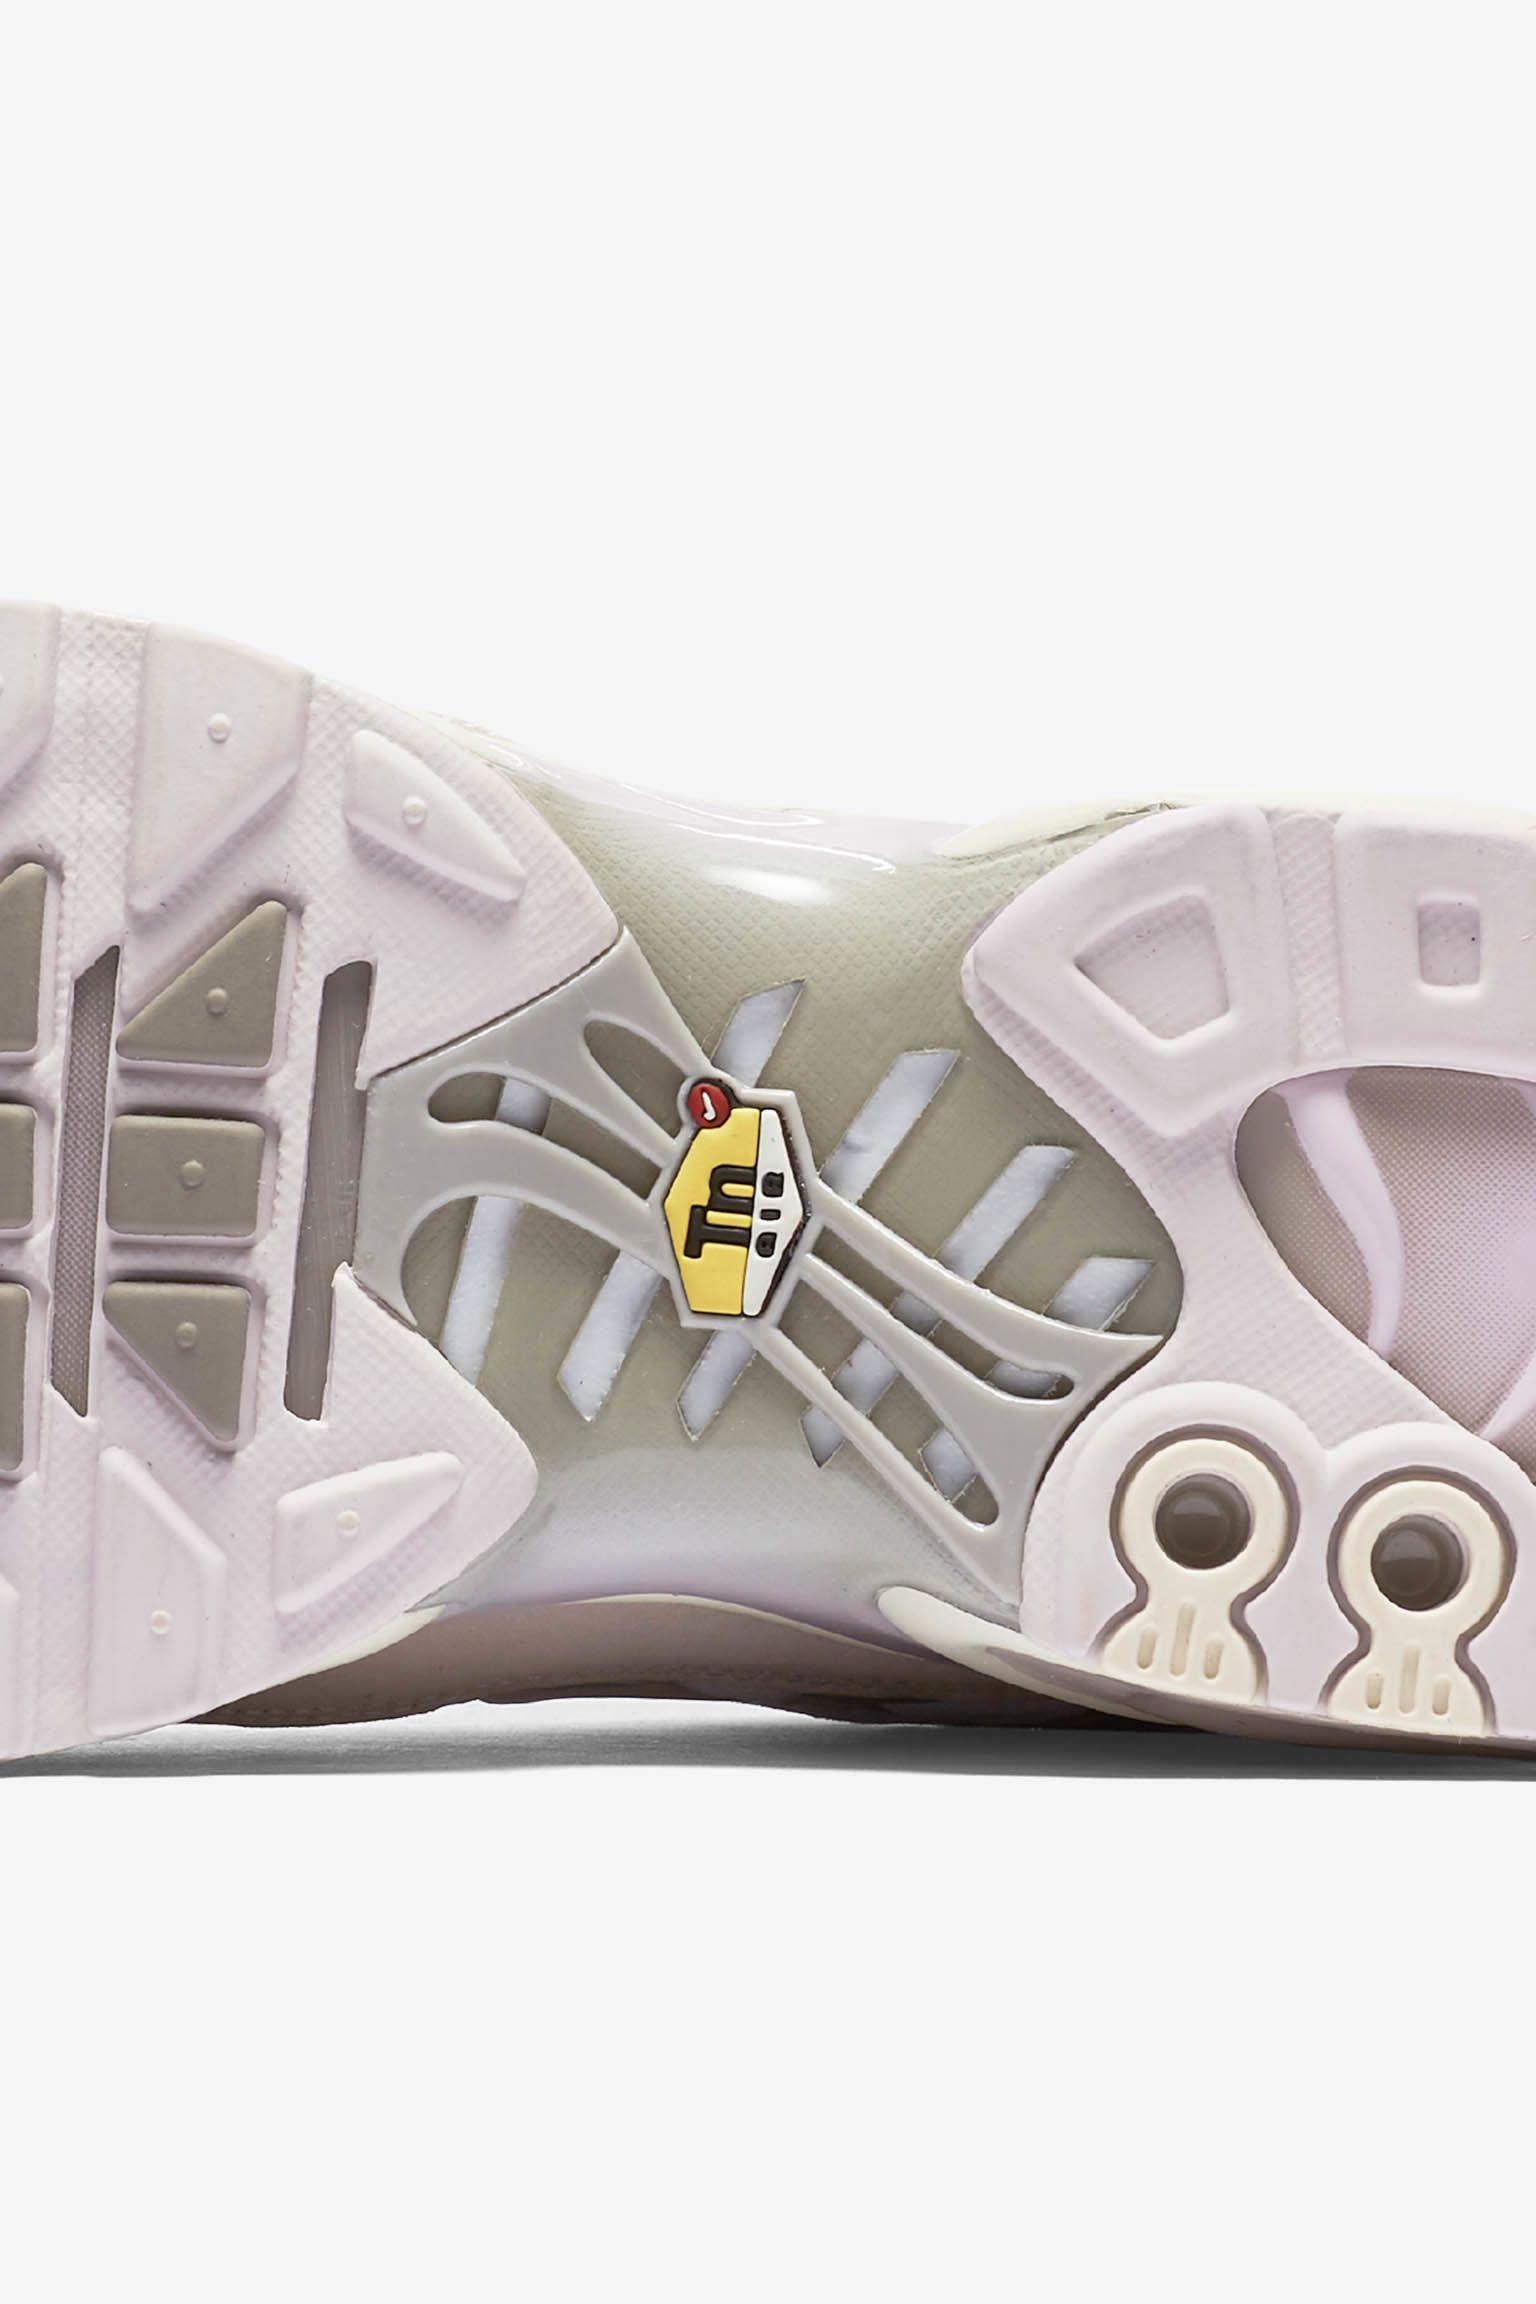 Nike Air Max Plus 'Pearl Pink'